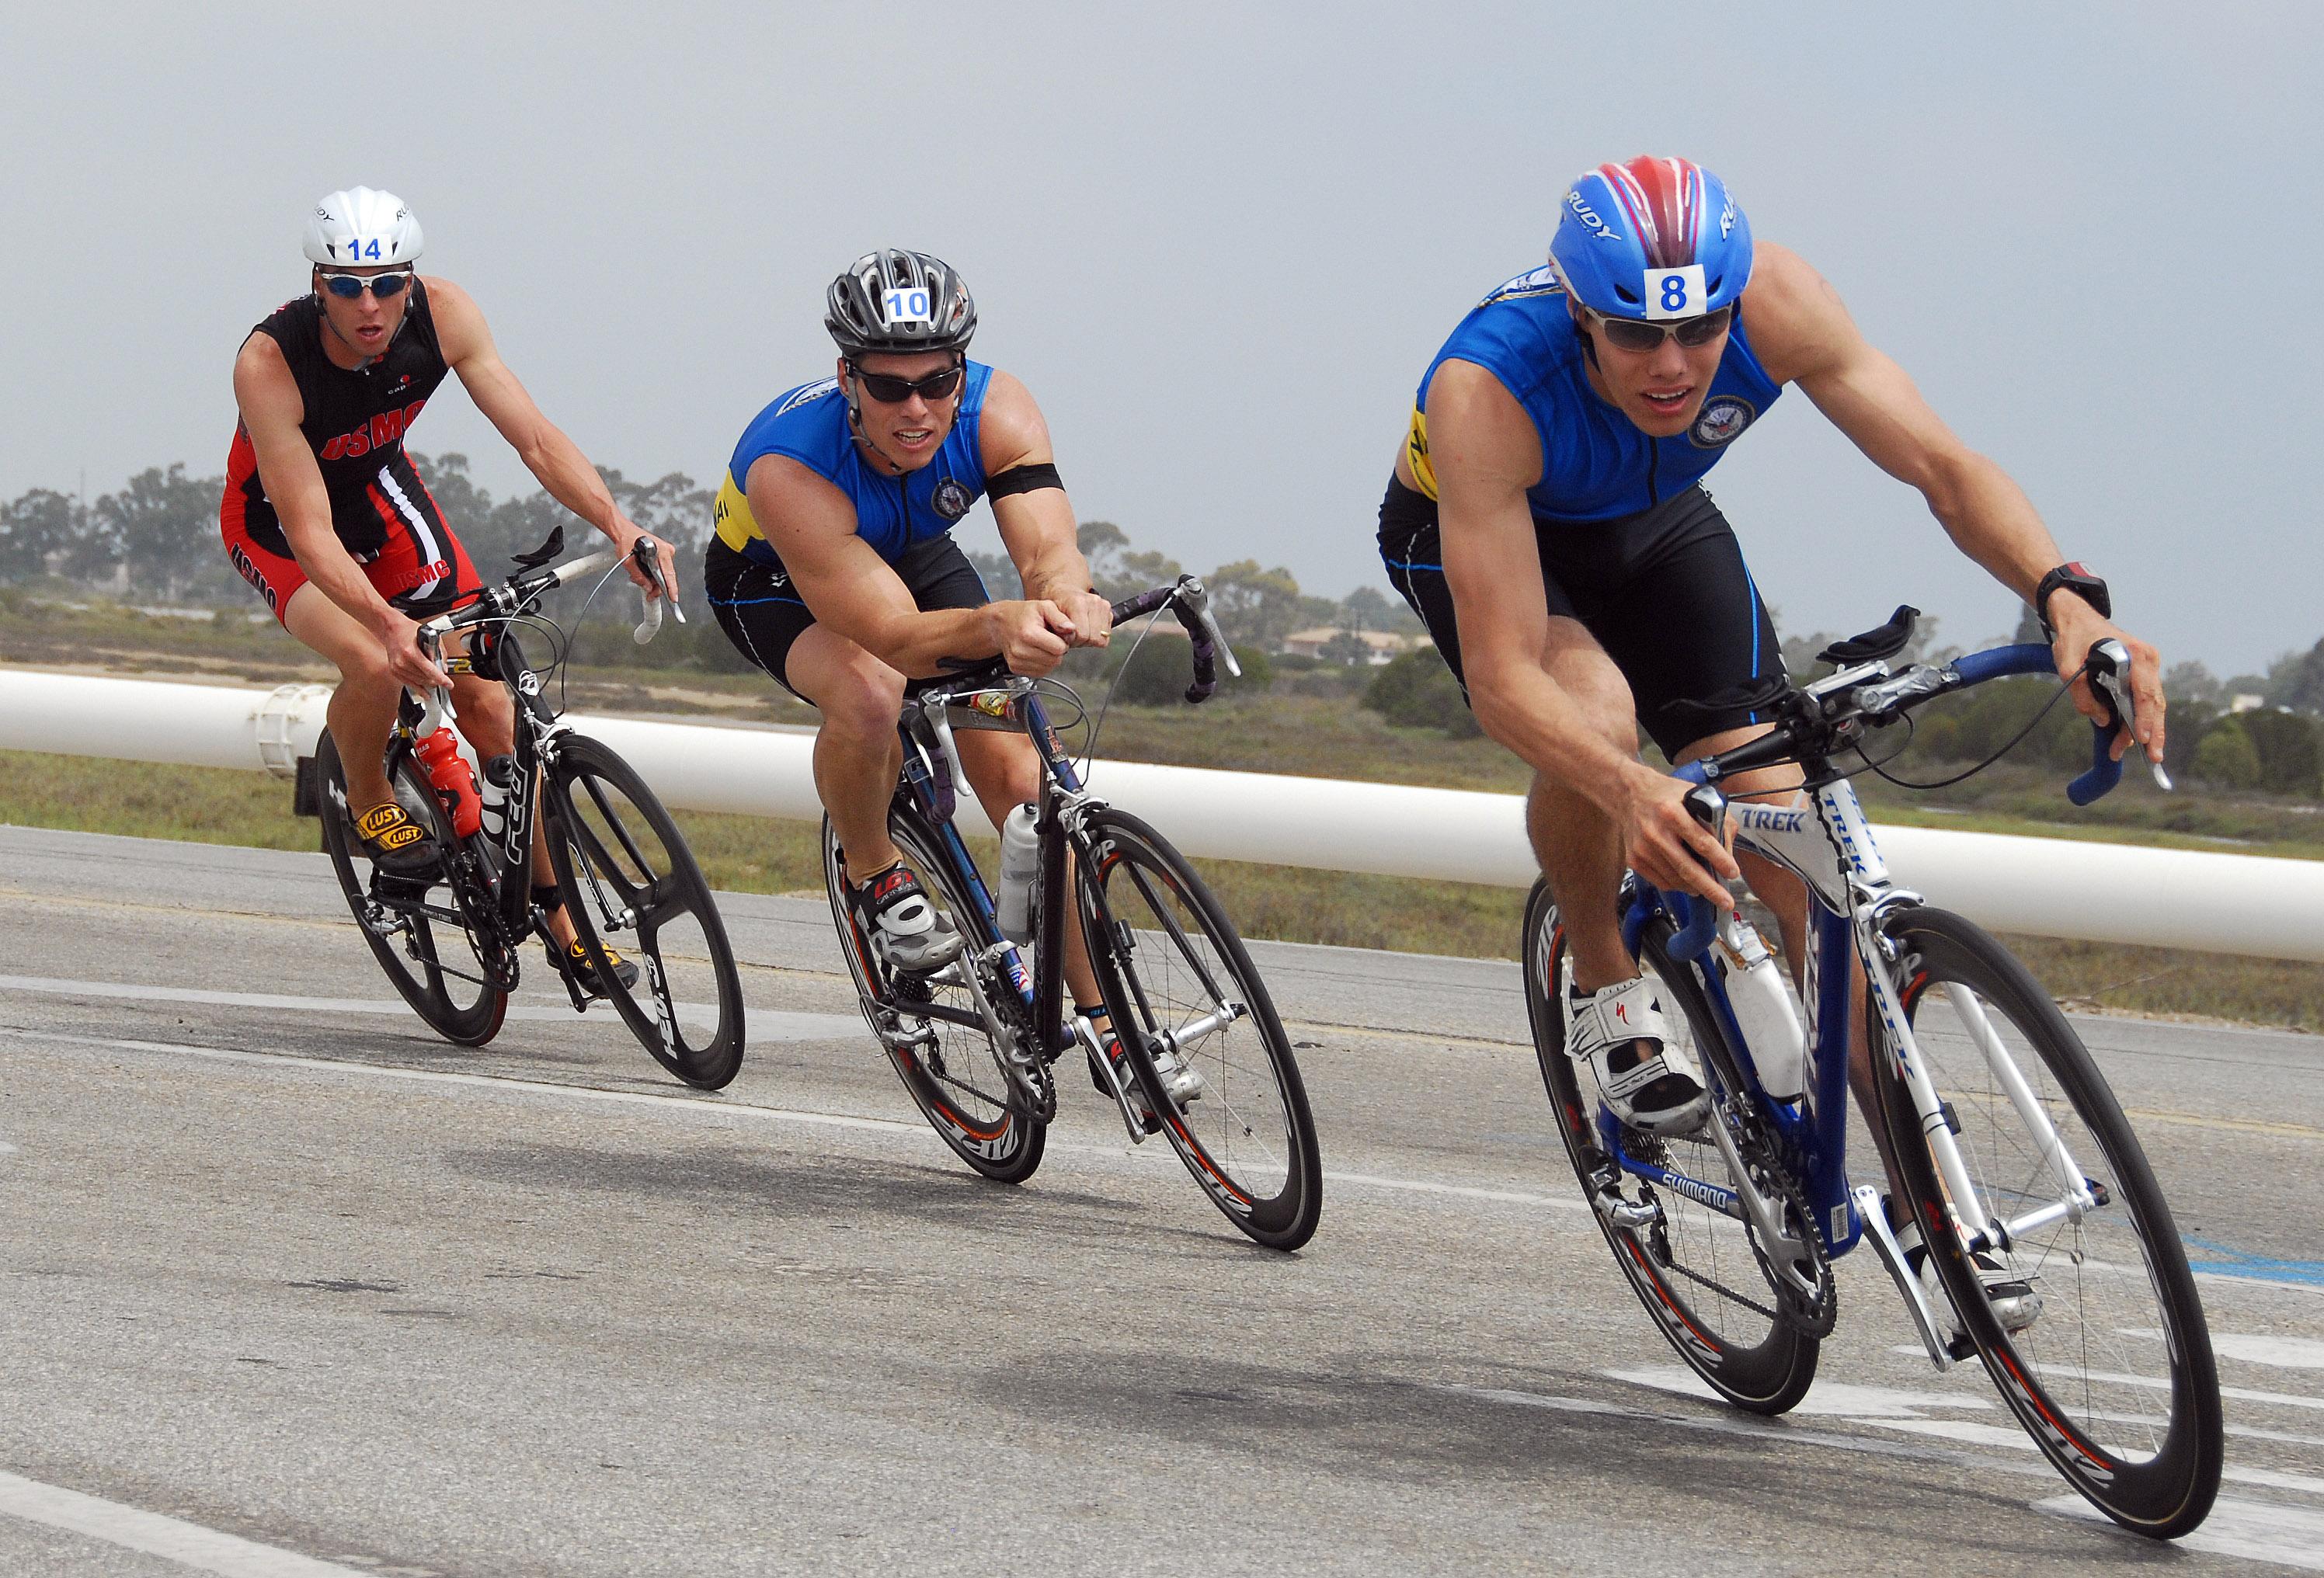 compex triathlon